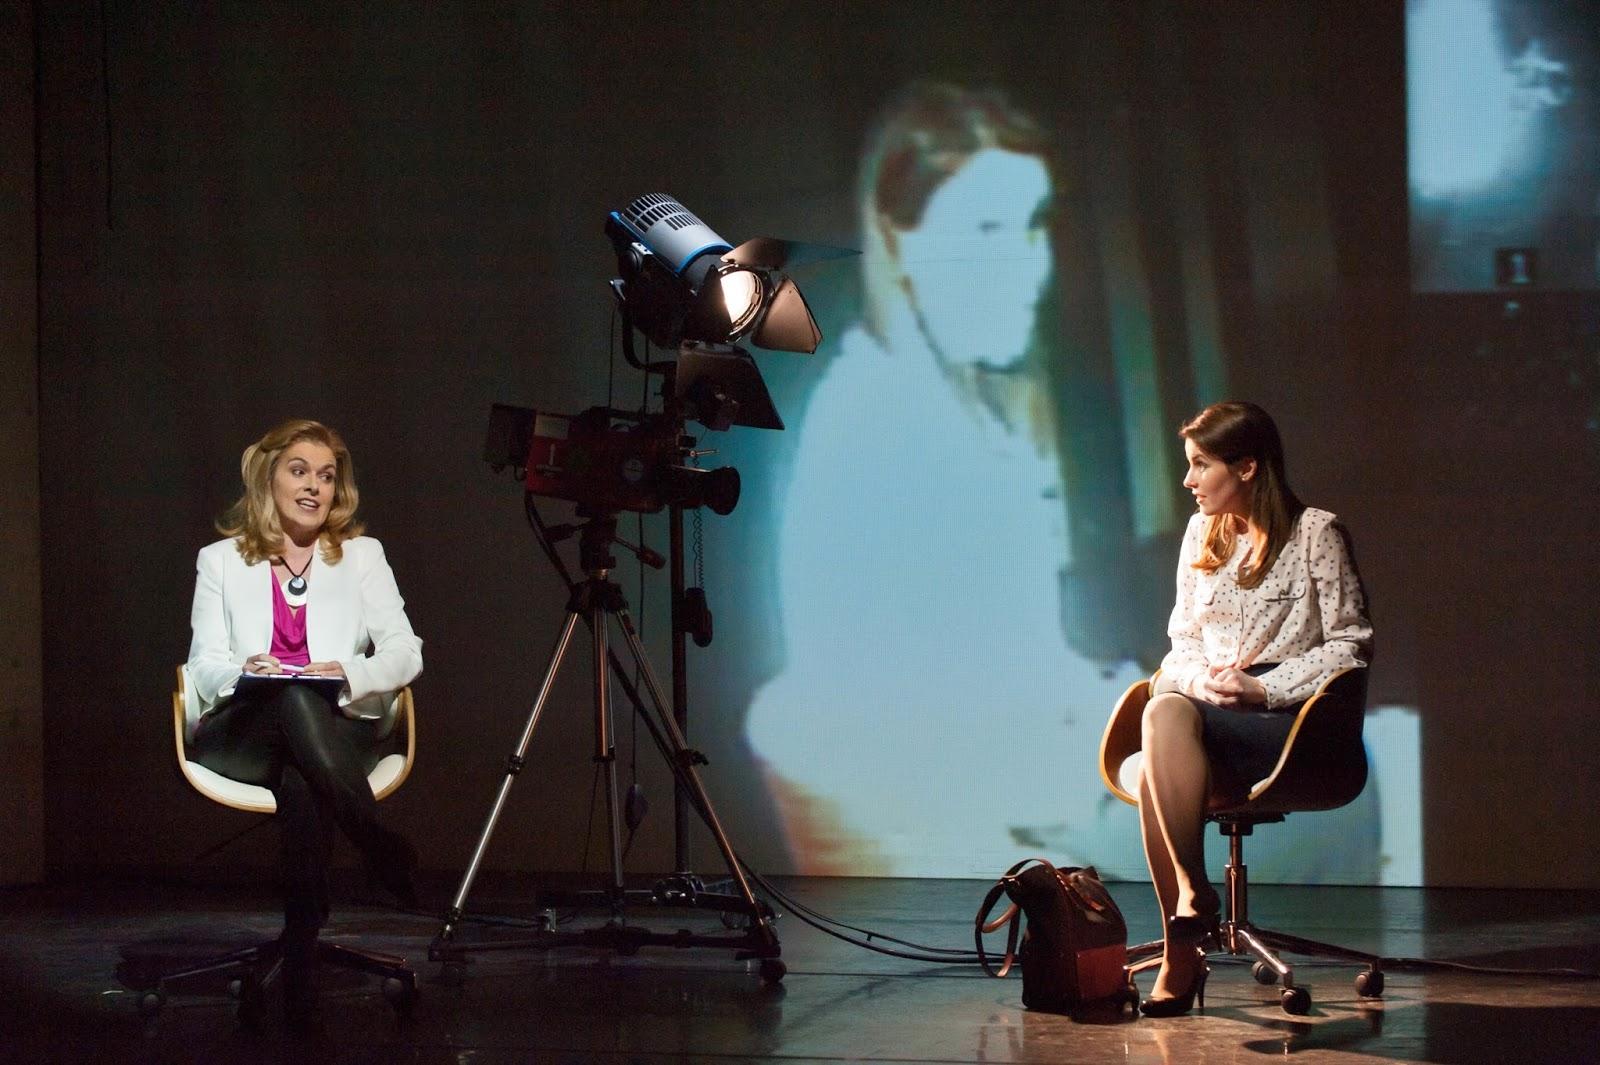 THROUGH HIS TEETH SC1_0244 VICTORIA SIMMONDS AS INTERVIEWER, ANNA DEVIN AS A (C) STEPHEN CUMMISKEY.jpg